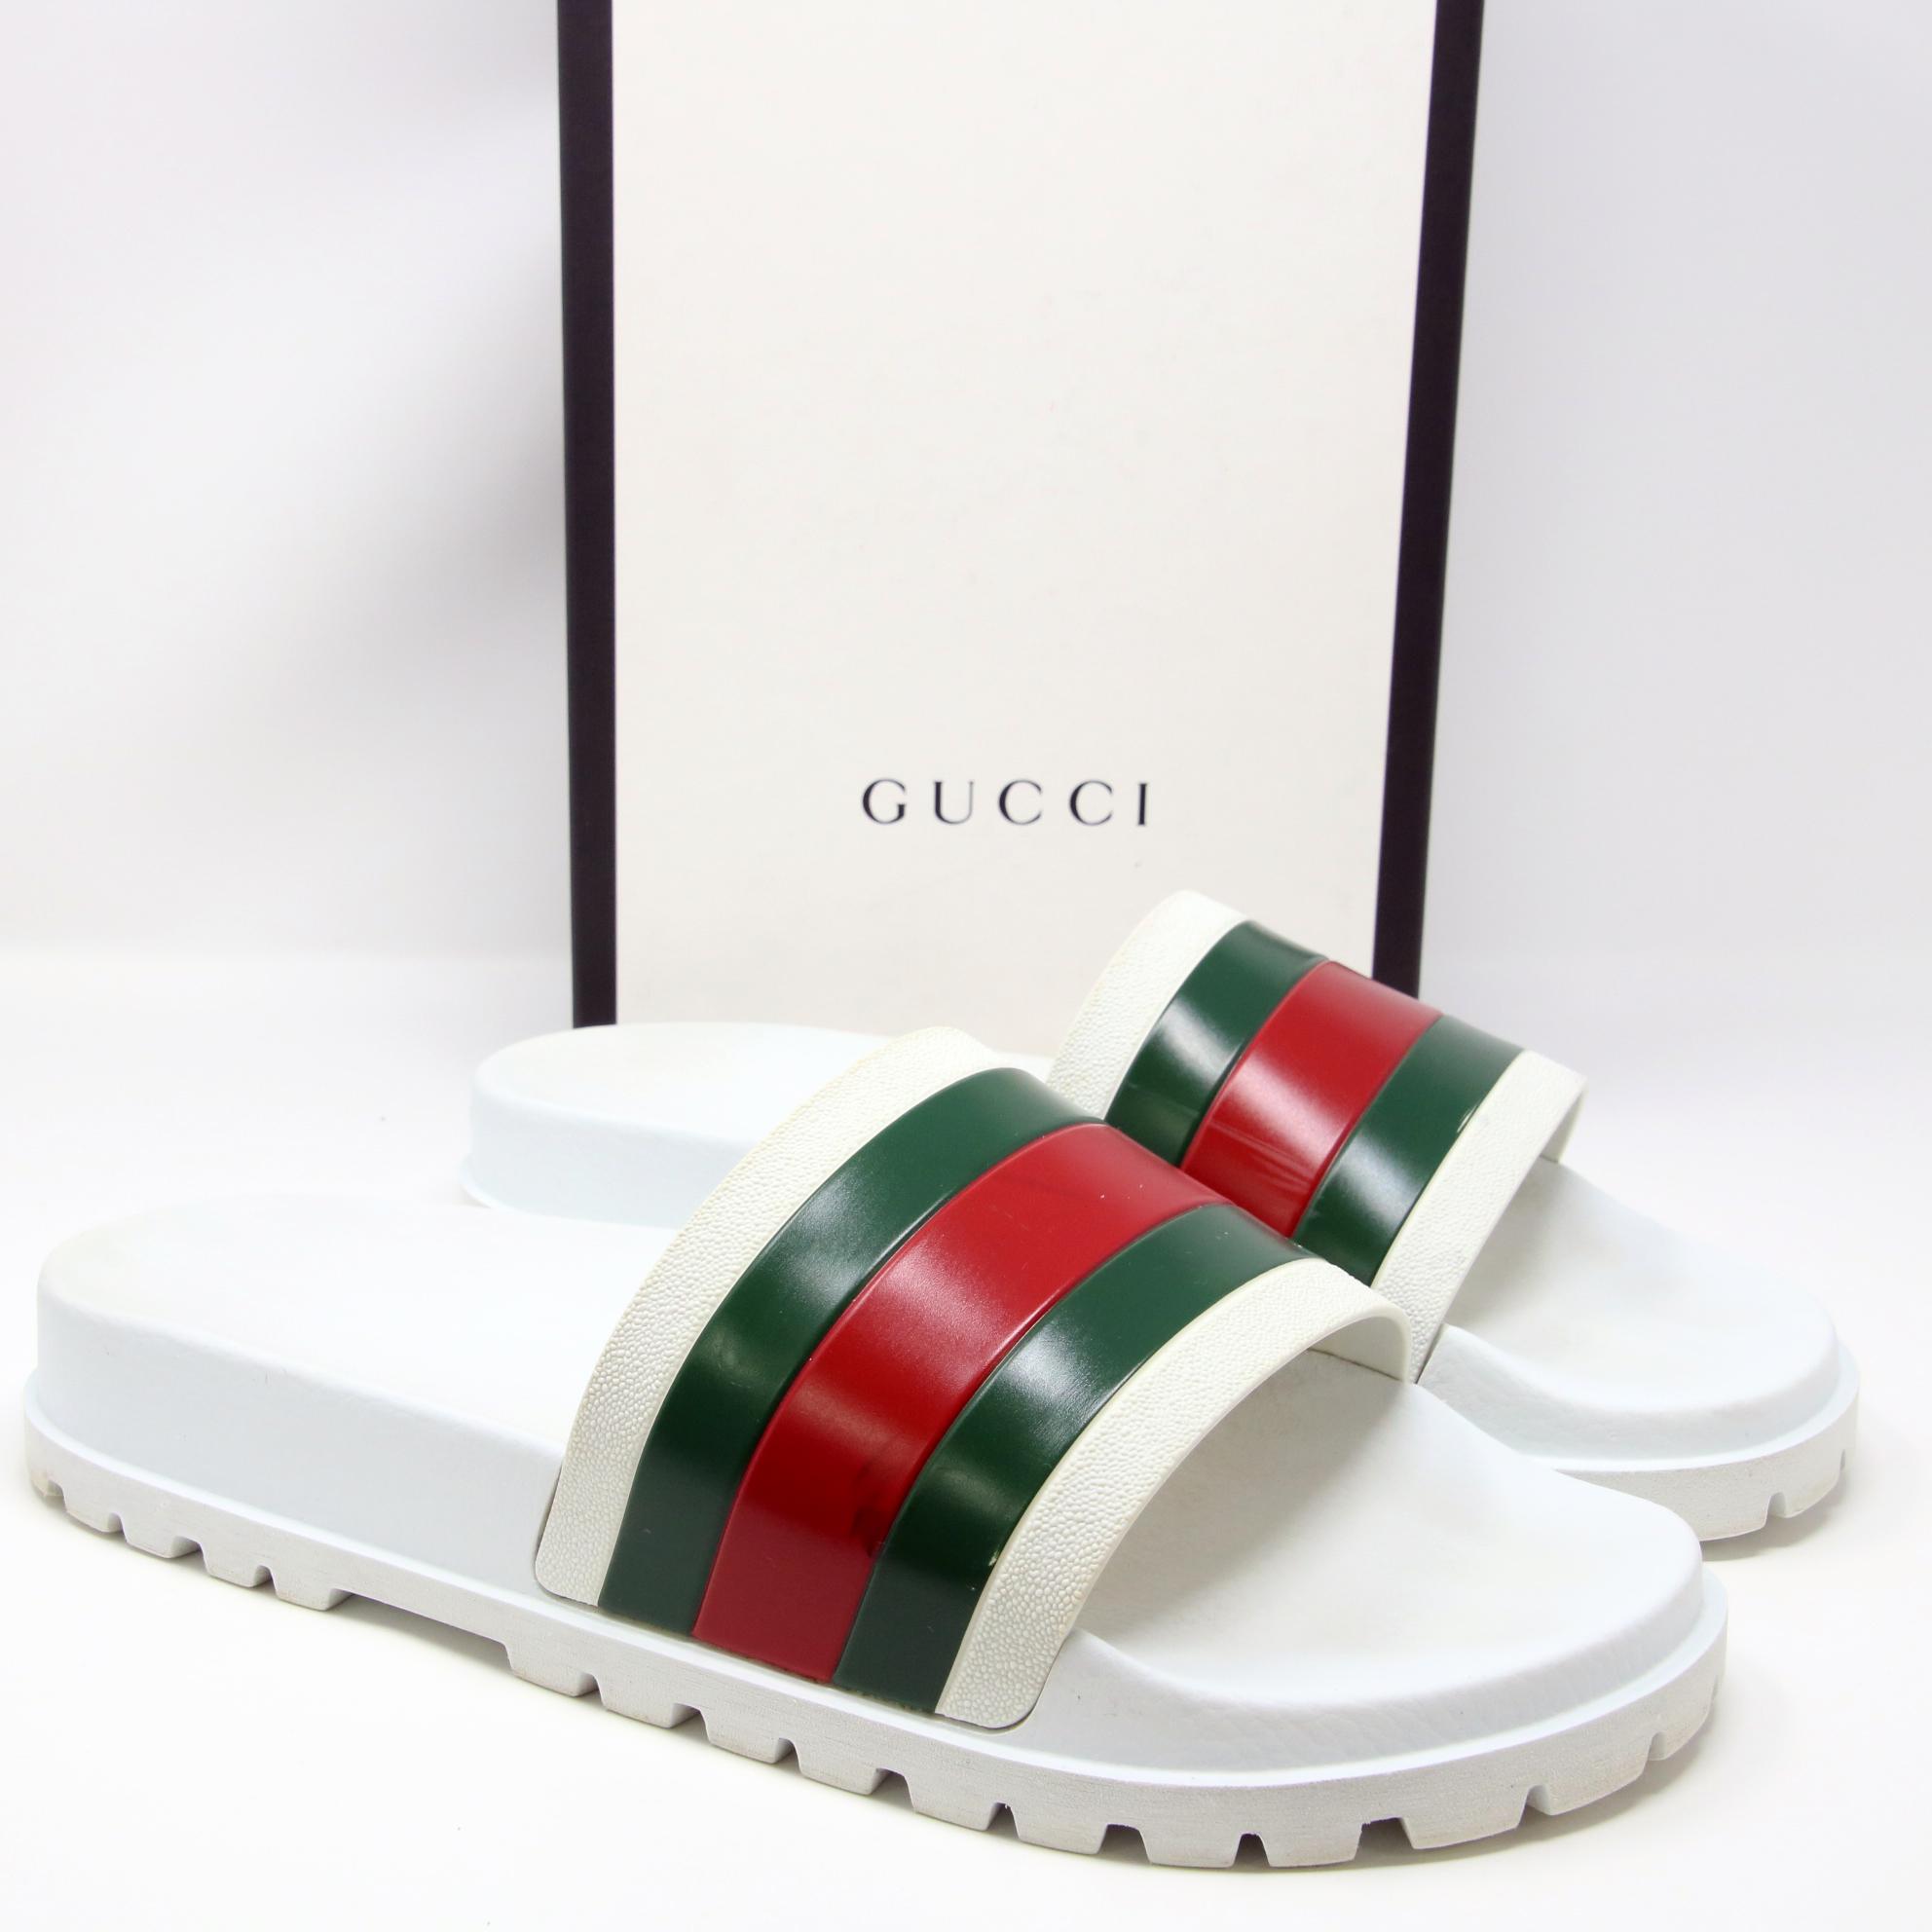 ef0e8f7d9 Gucci Gucci Signature Pursuit 72 Trek Flip Flop Summer Sandals White sz 12  Sold Out Size 12 - Sandals for Sale - Grailed